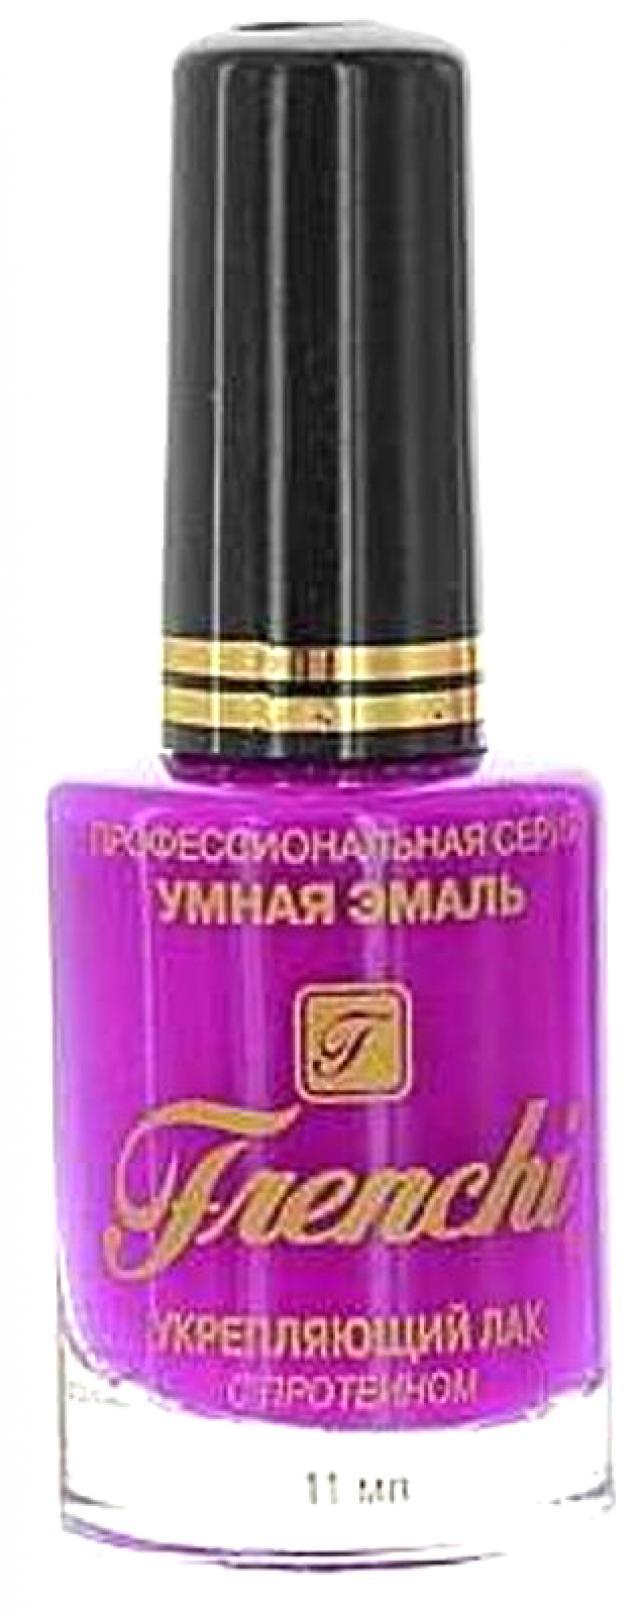 Умная эмаль лак для ногтей т.303 цикламен 11мл купить в Москве по цене от 113 рублей